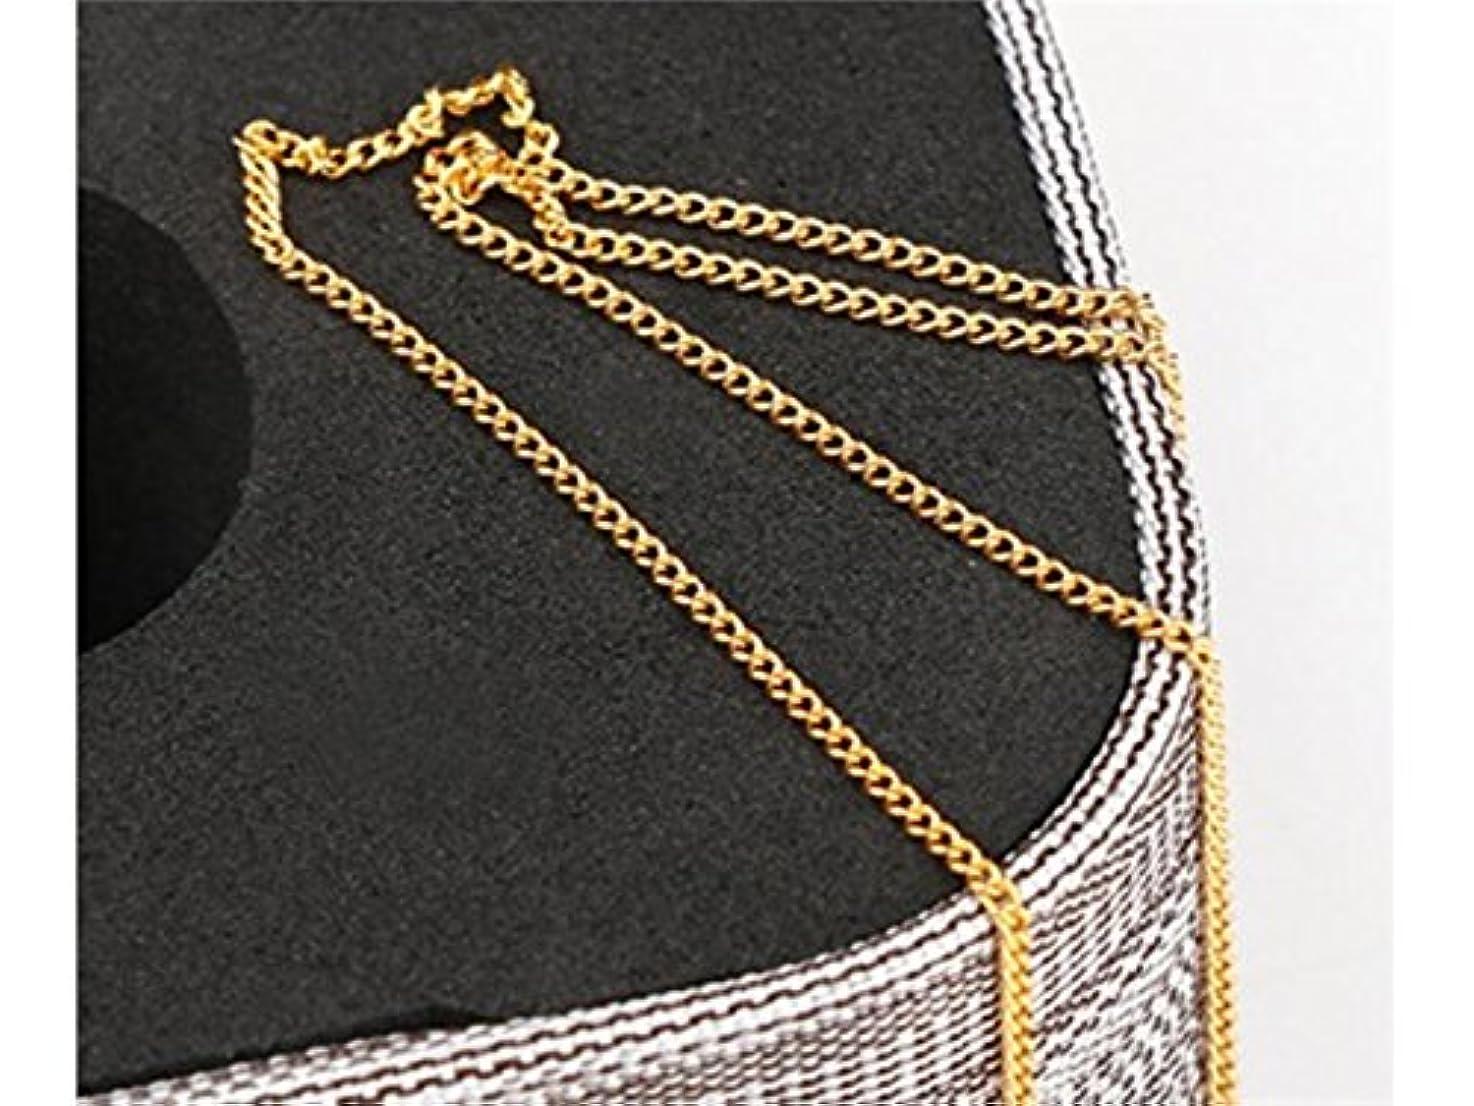 強化する枯れる蒸気Osize キラキラ合金ビーズボールラインチェーンネイルアートチェーンDIYの装飾(シルバーバックルチェーン) (色 : Golden, サイズ : 长20cm)